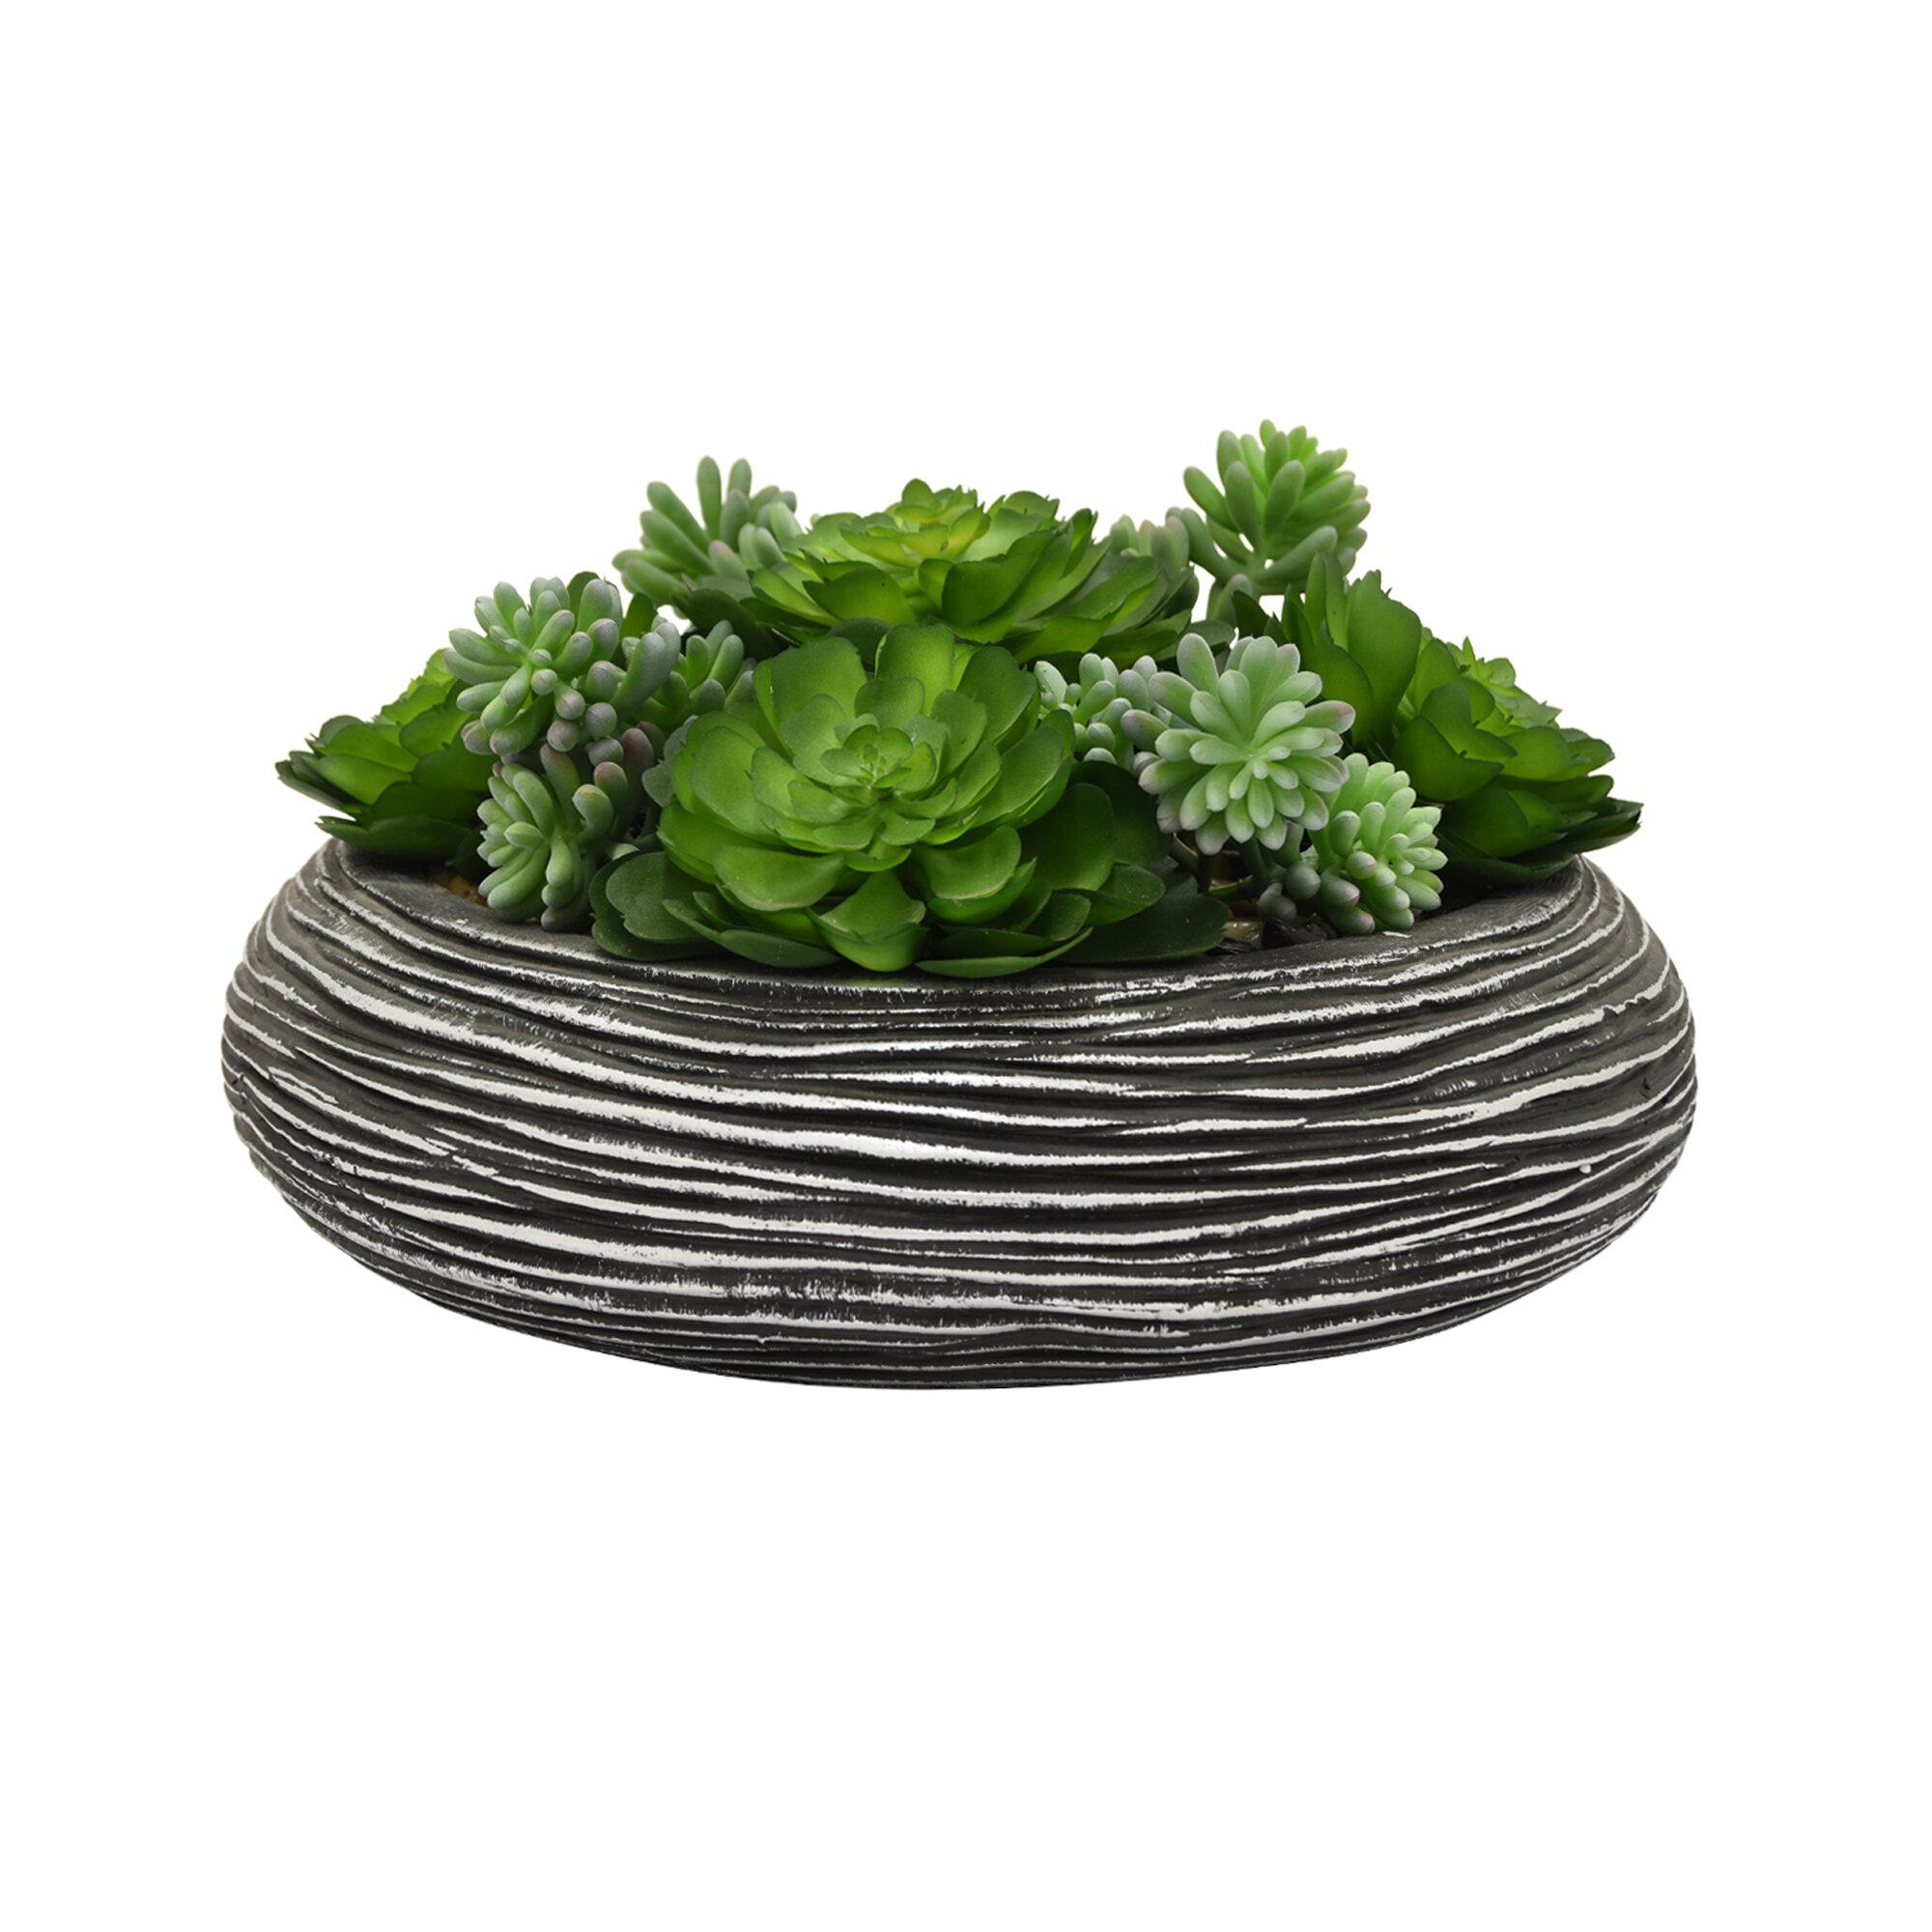 Faux Desktop Succulent Plant In Pot Reviews Joss Main